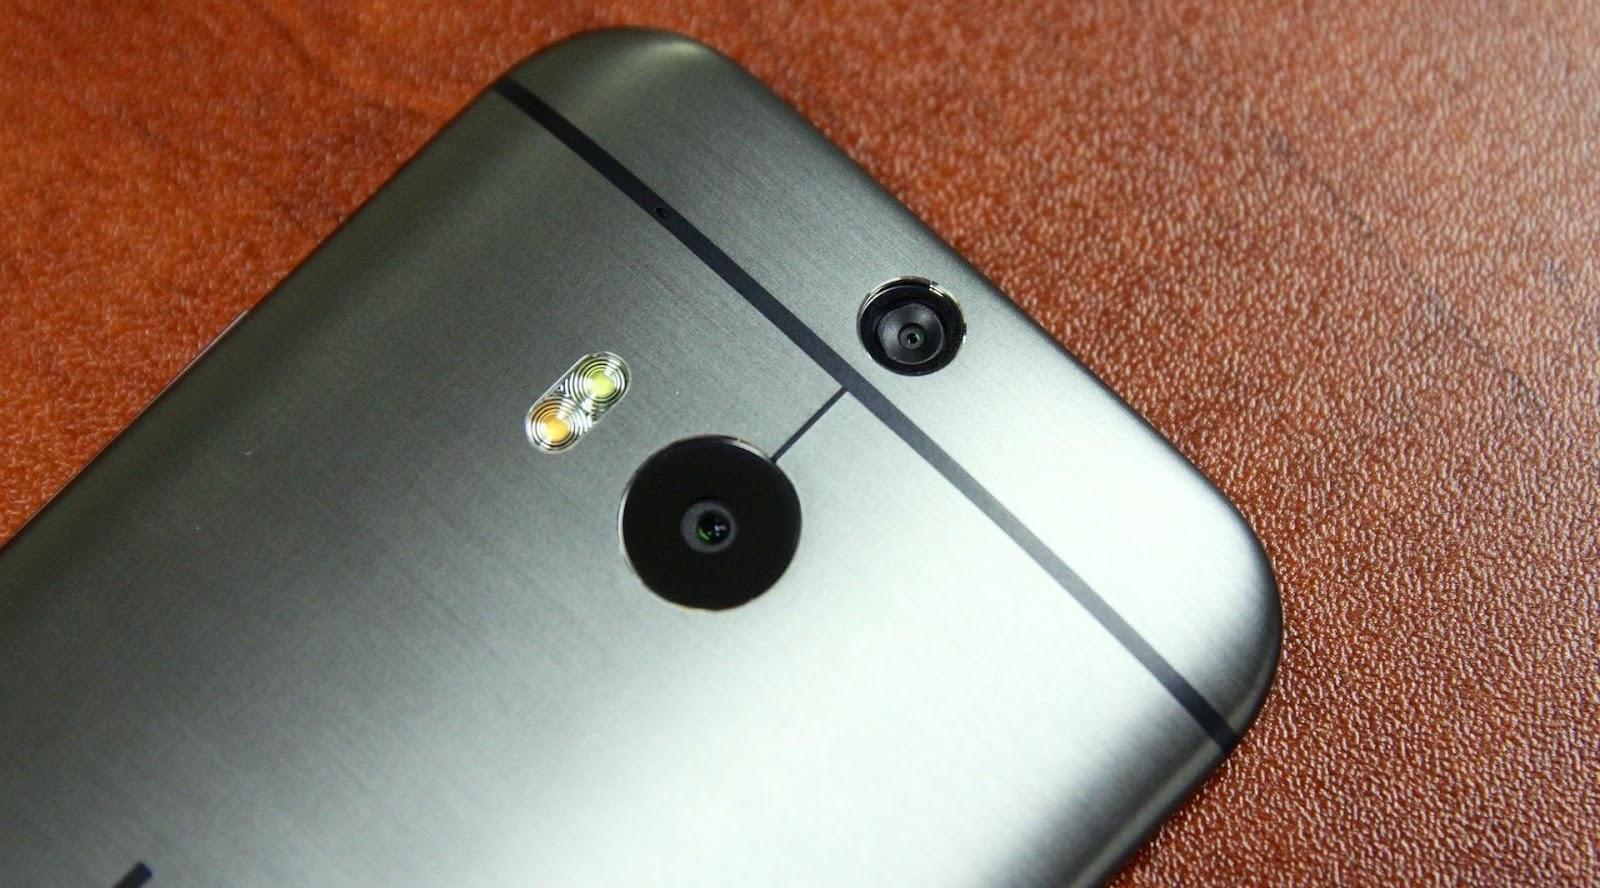 Эволюция мобильного автофокуса: от контрастного до Dual Pixel - 8